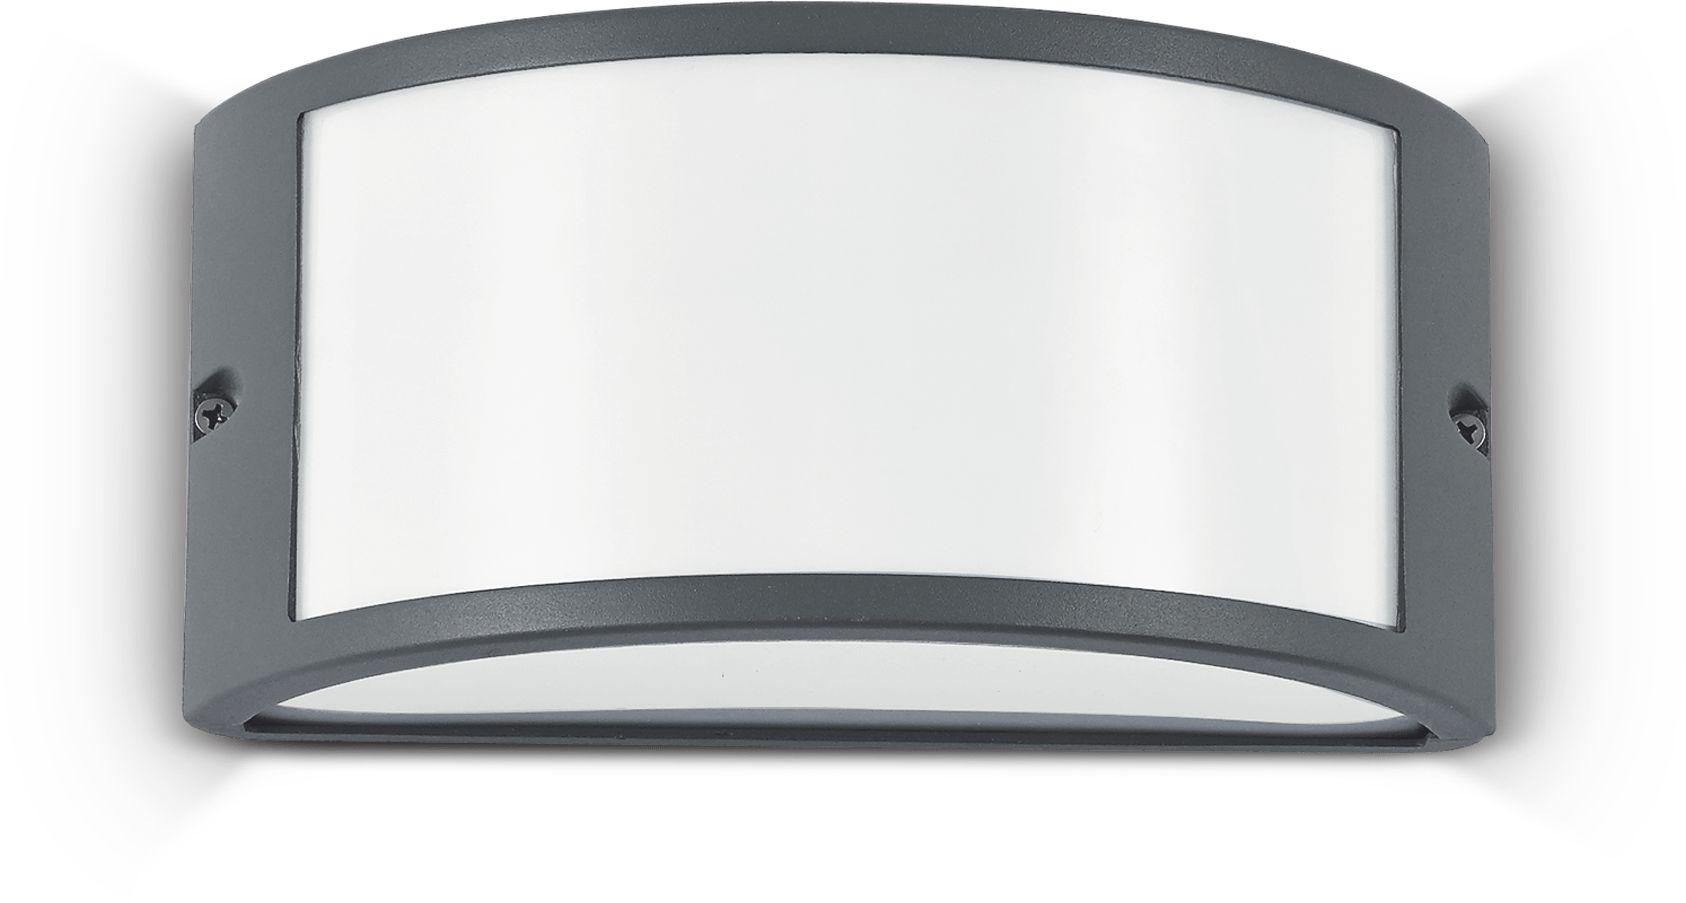 Kinkiet Rex-1 AP1 092409 Ideal Lux nowoczesna oprawa zewnętrzna w kolorze antracytu